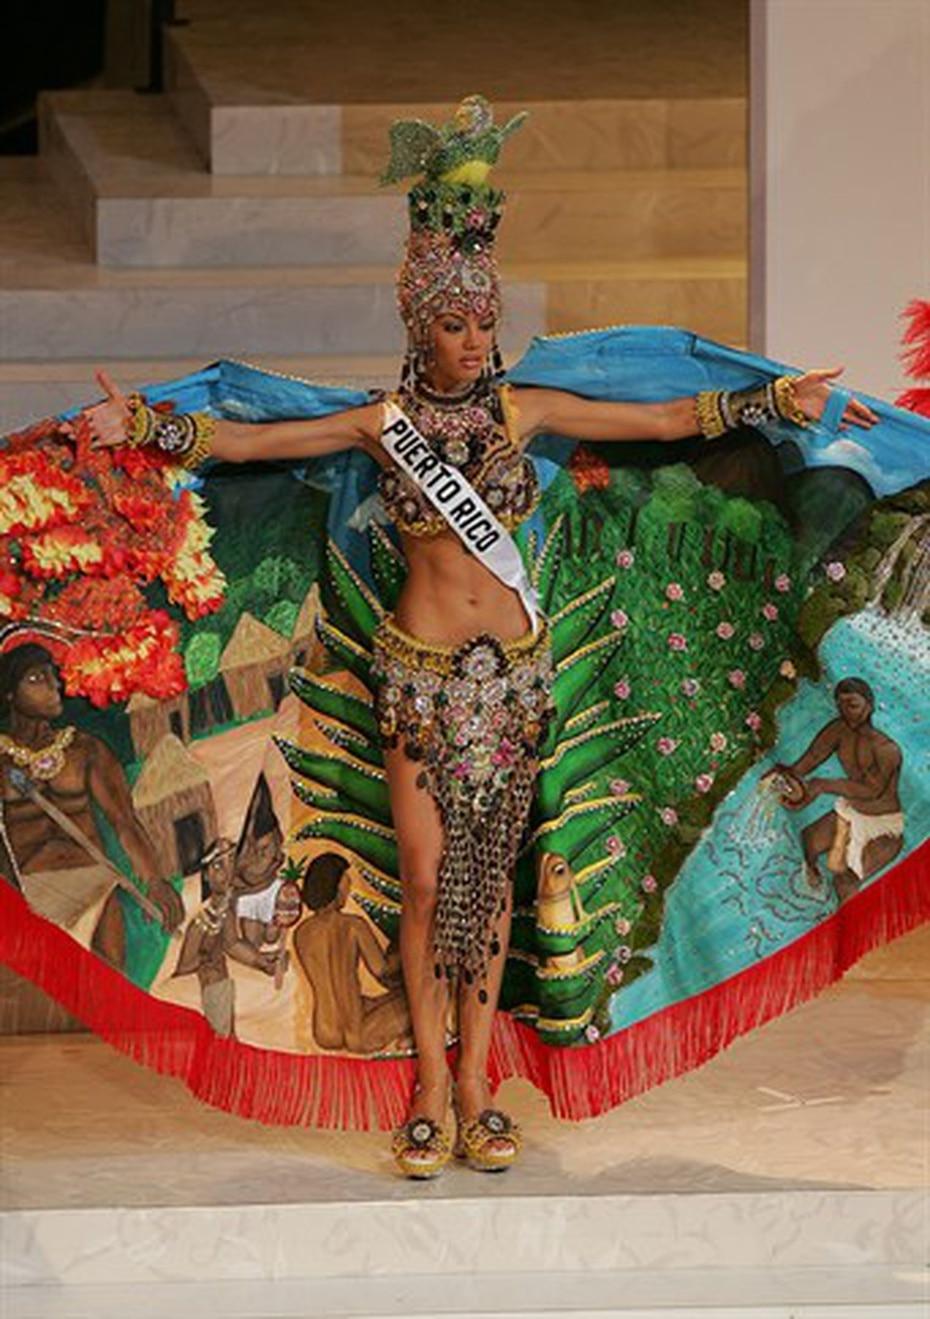 Zuleyka Rivera, Miss Universe Puerto Rico 2006, se coronó ese año como la mujer más bella del universo. Su traje típico evocaba la diosa Atabey. (Archivo)